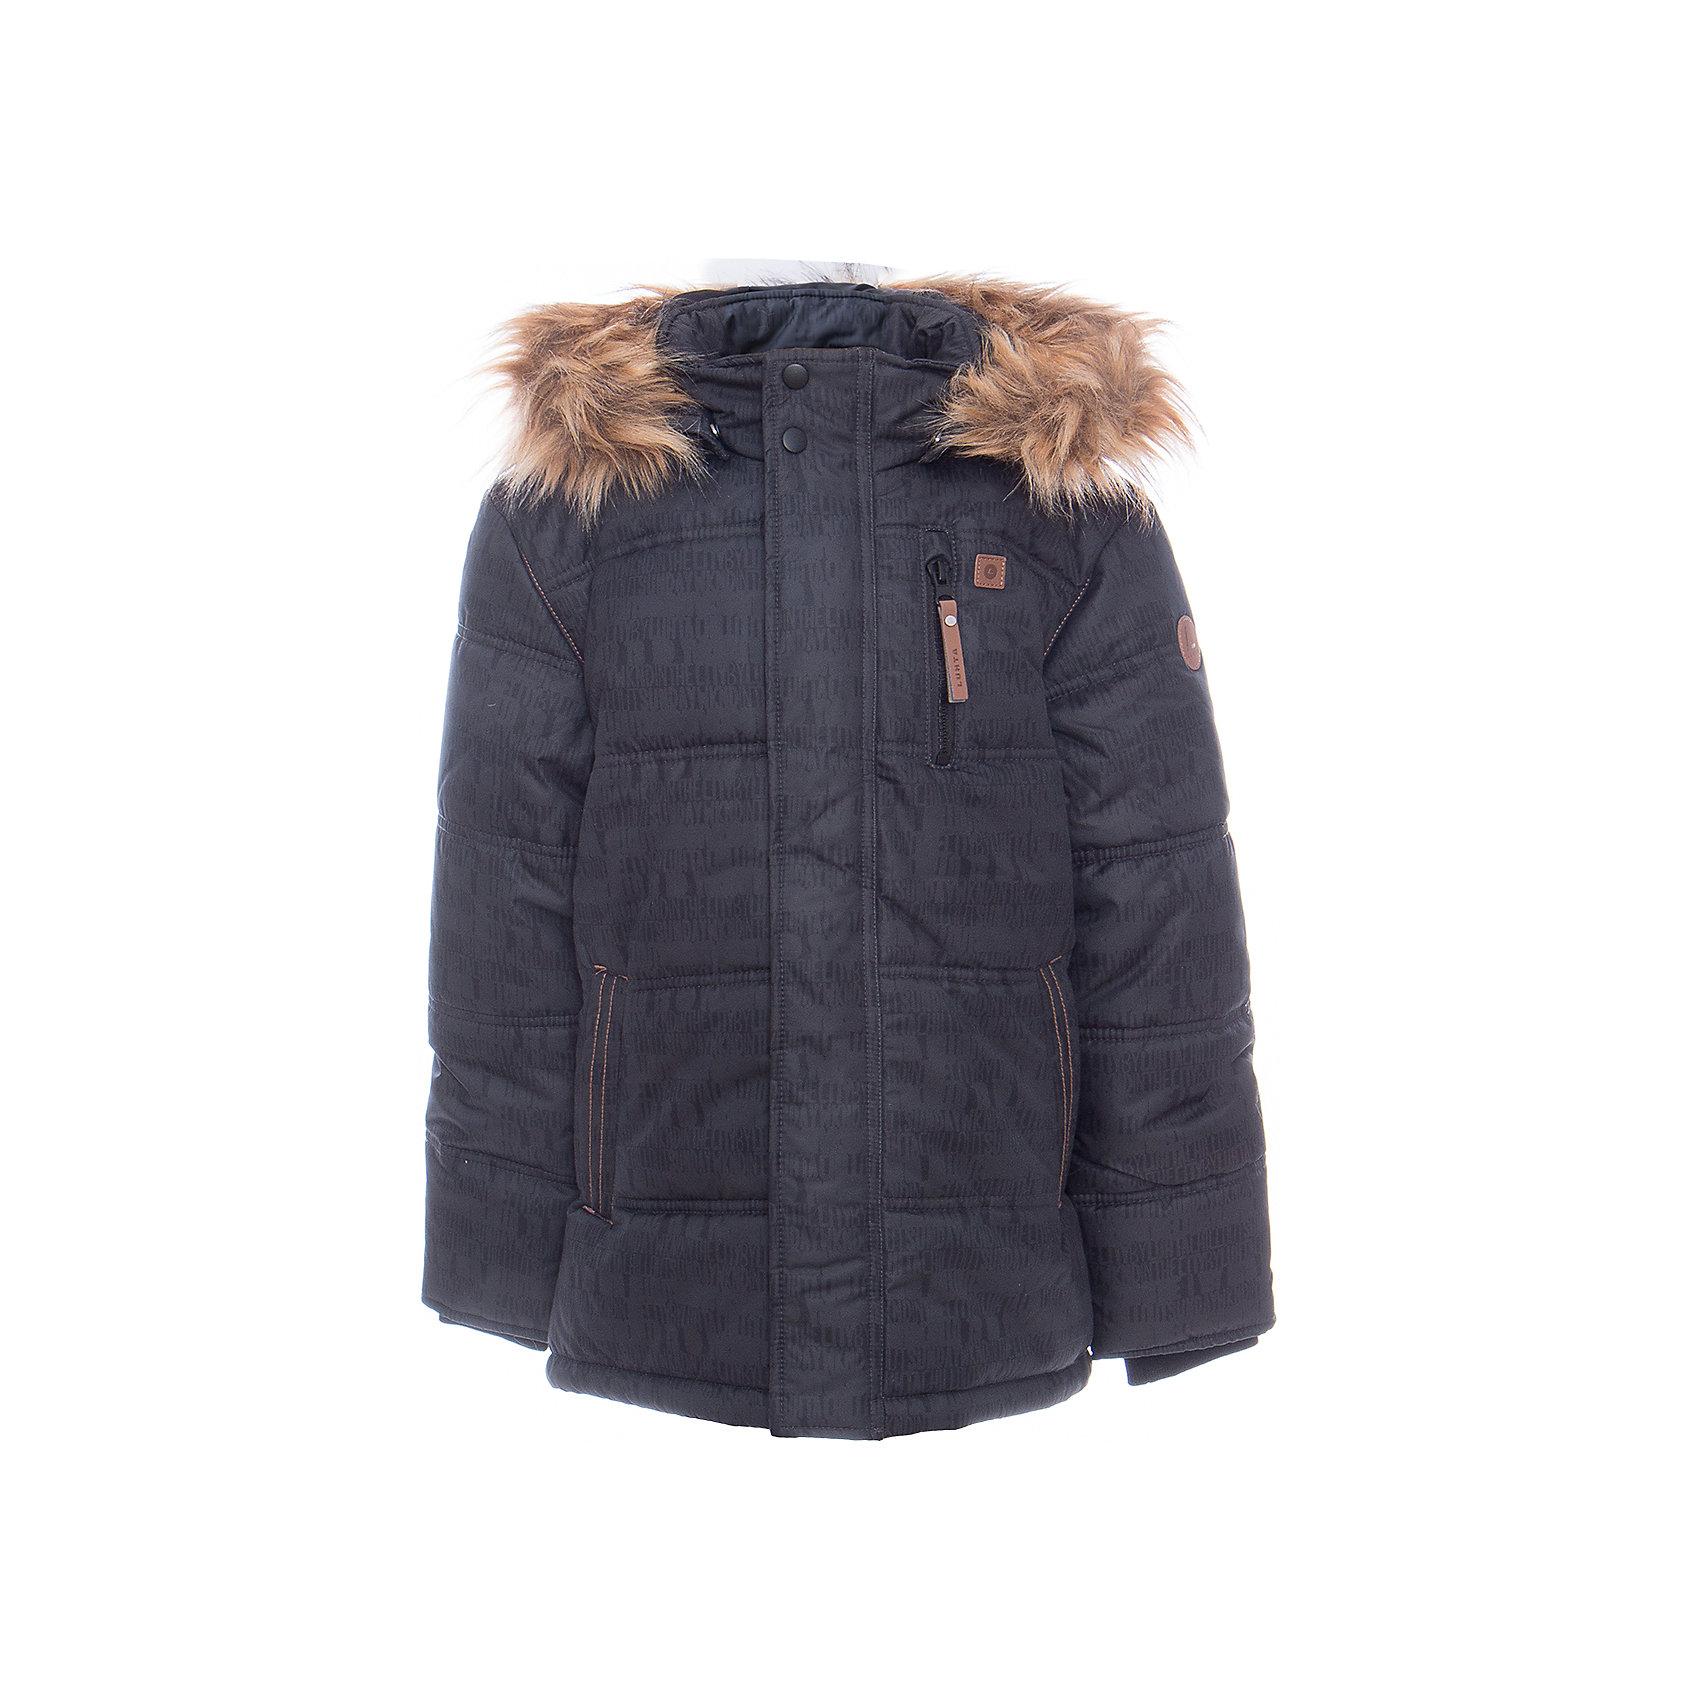 Куртка для мальчика LuhtaКуртка для мальчика от известного бренда Luhta.<br>Куртка с отстегивающимся капюшоном, искусственный мех, принт, в рукавах вязанные манжеты, утяжка в нижней части куртки, теплые карманы на молнии, светоотражающие элементы, утепление 280 гр. рекомендуемый температурный режим до -30 град., термометр, показывающий температуру внутри верхней одежды.<br>Технологии: Luhta WATER REPELLENT; Luhta BREATHABLE; 2000/2000; Luhta DIRT REPELLENT; Luhta SAFETY; Luhta FINNWAD; Luhta -30<br>Состав:<br>100% полиэстер<br><br>Ширина мм: 356<br>Глубина мм: 10<br>Высота мм: 245<br>Вес г: 519<br>Цвет: синий<br>Возраст от месяцев: 96<br>Возраст до месяцев: 108<br>Пол: Мужской<br>Возраст: Детский<br>Размер: 134,164,140,146,152,158<br>SKU: 5413940